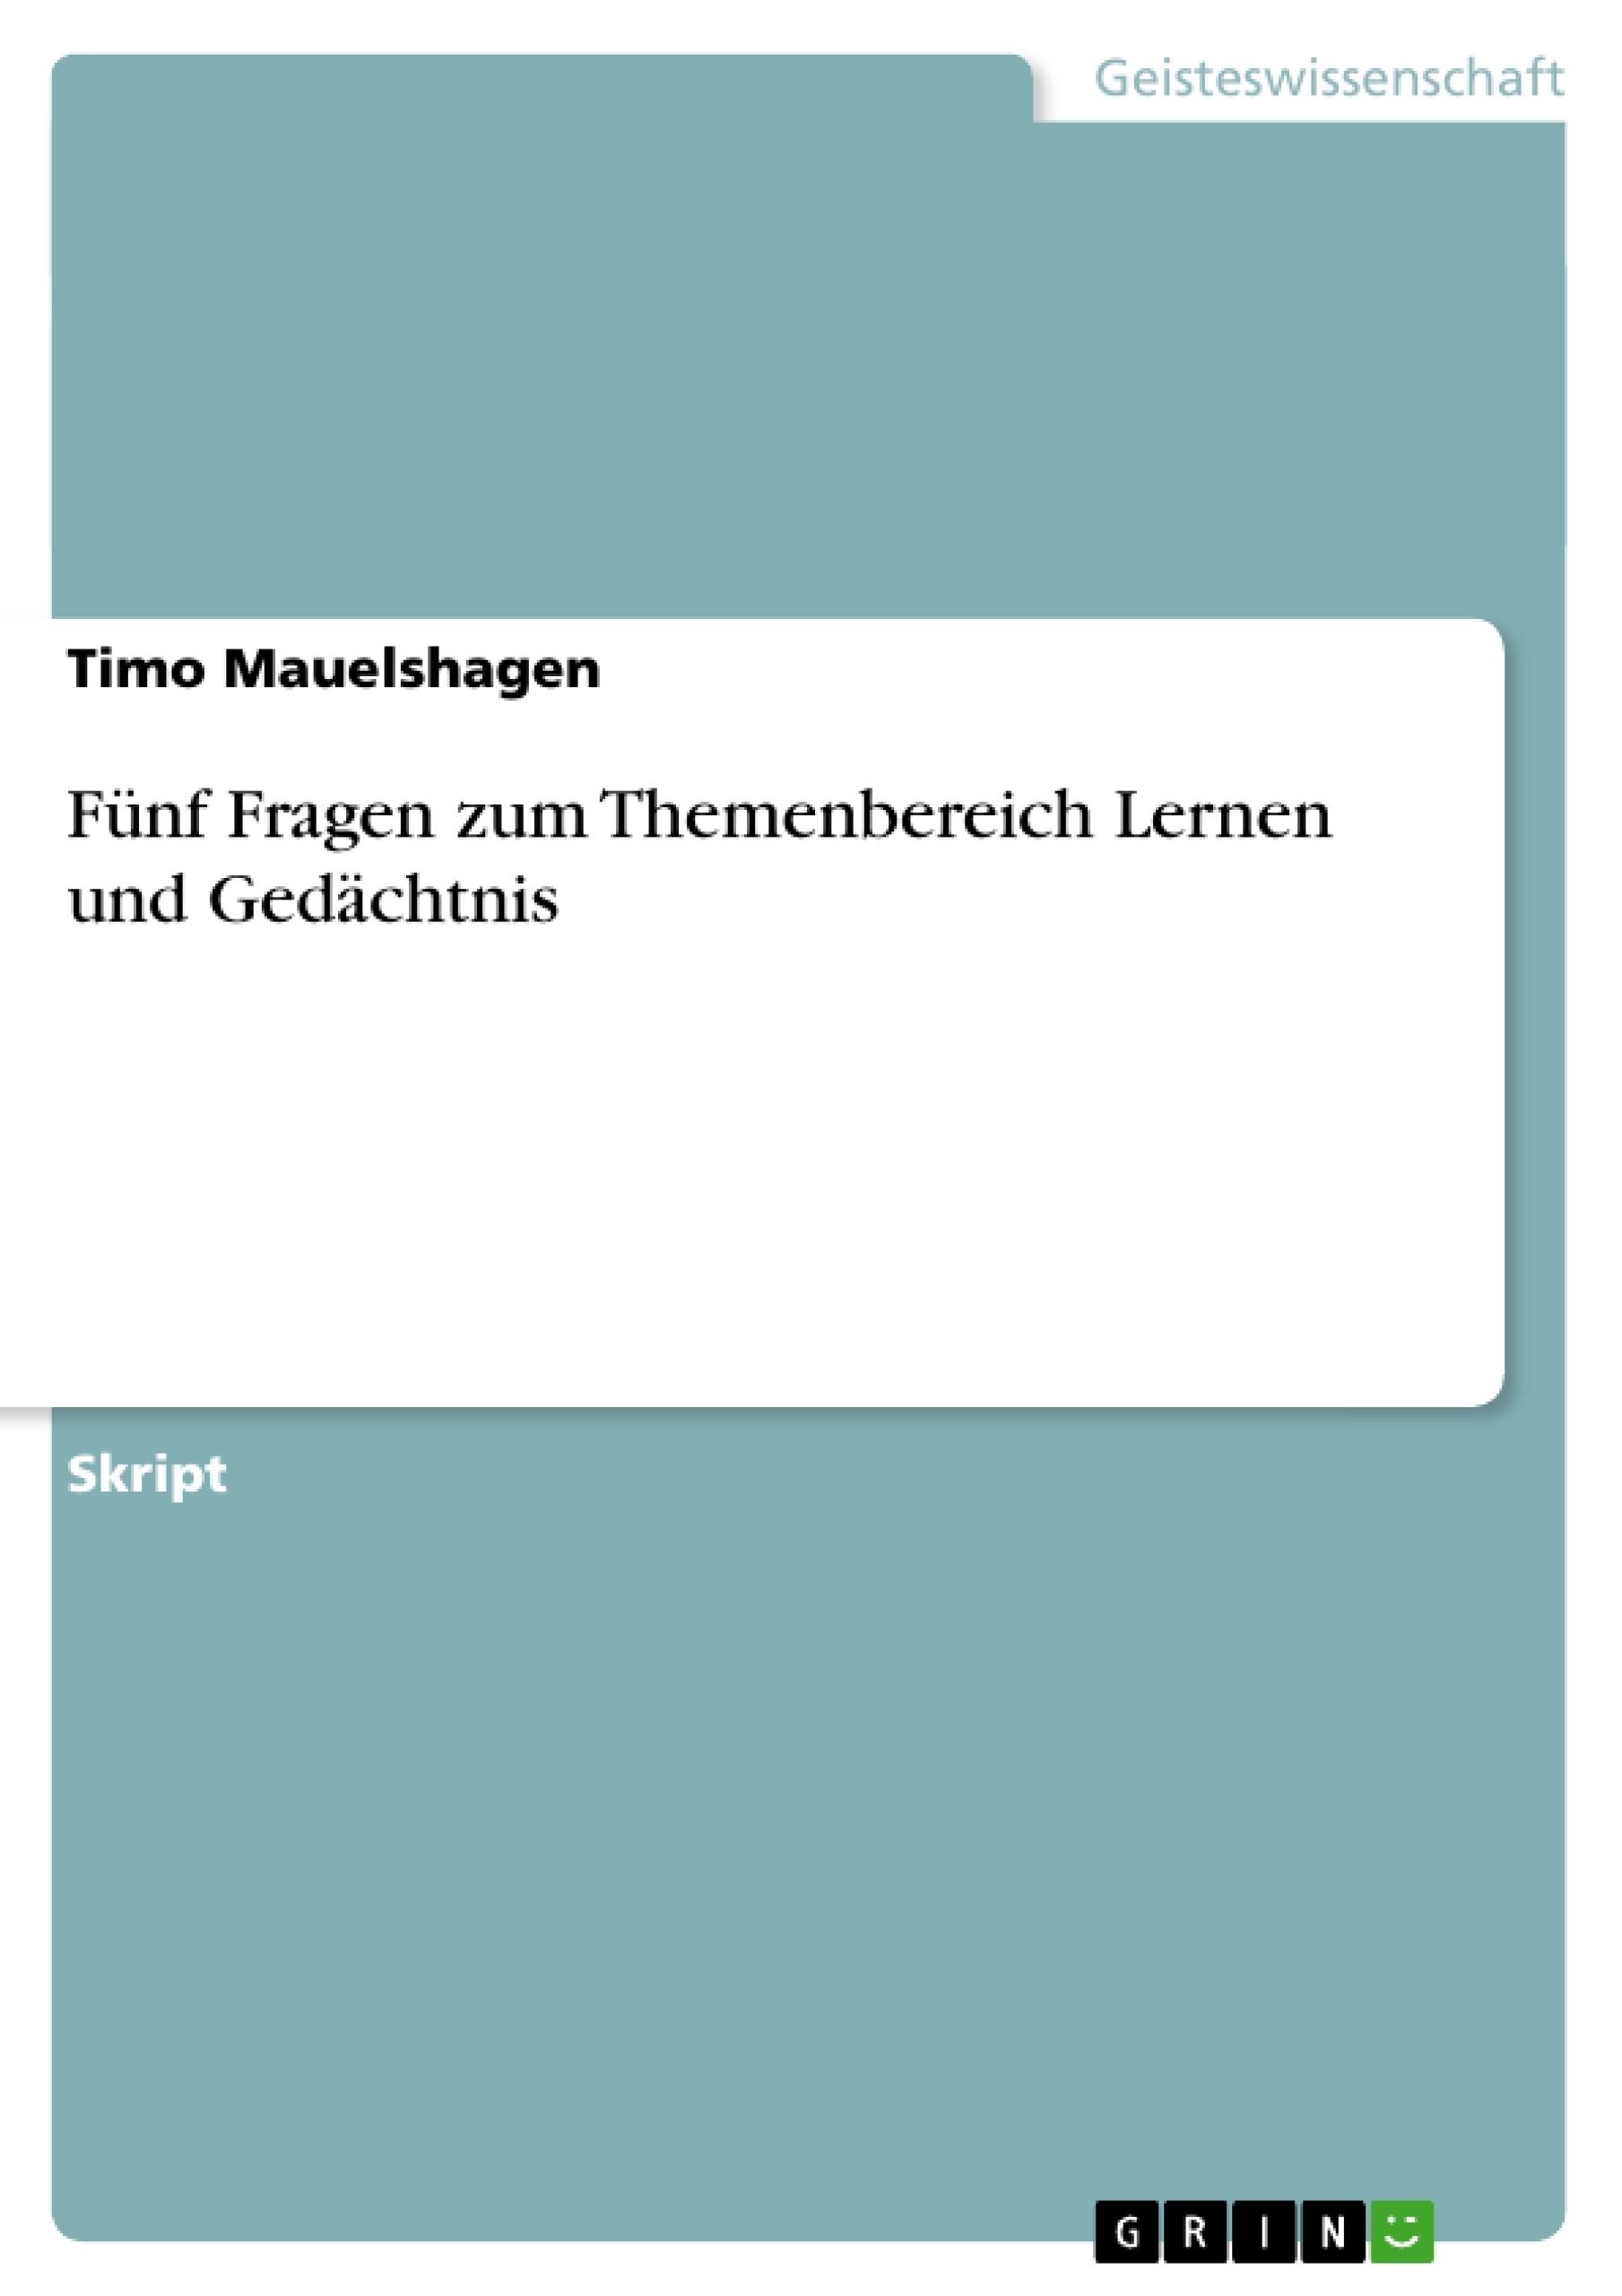 Titel: Fünf Fragen zum Themenbereich Lernen und Gedächtnis